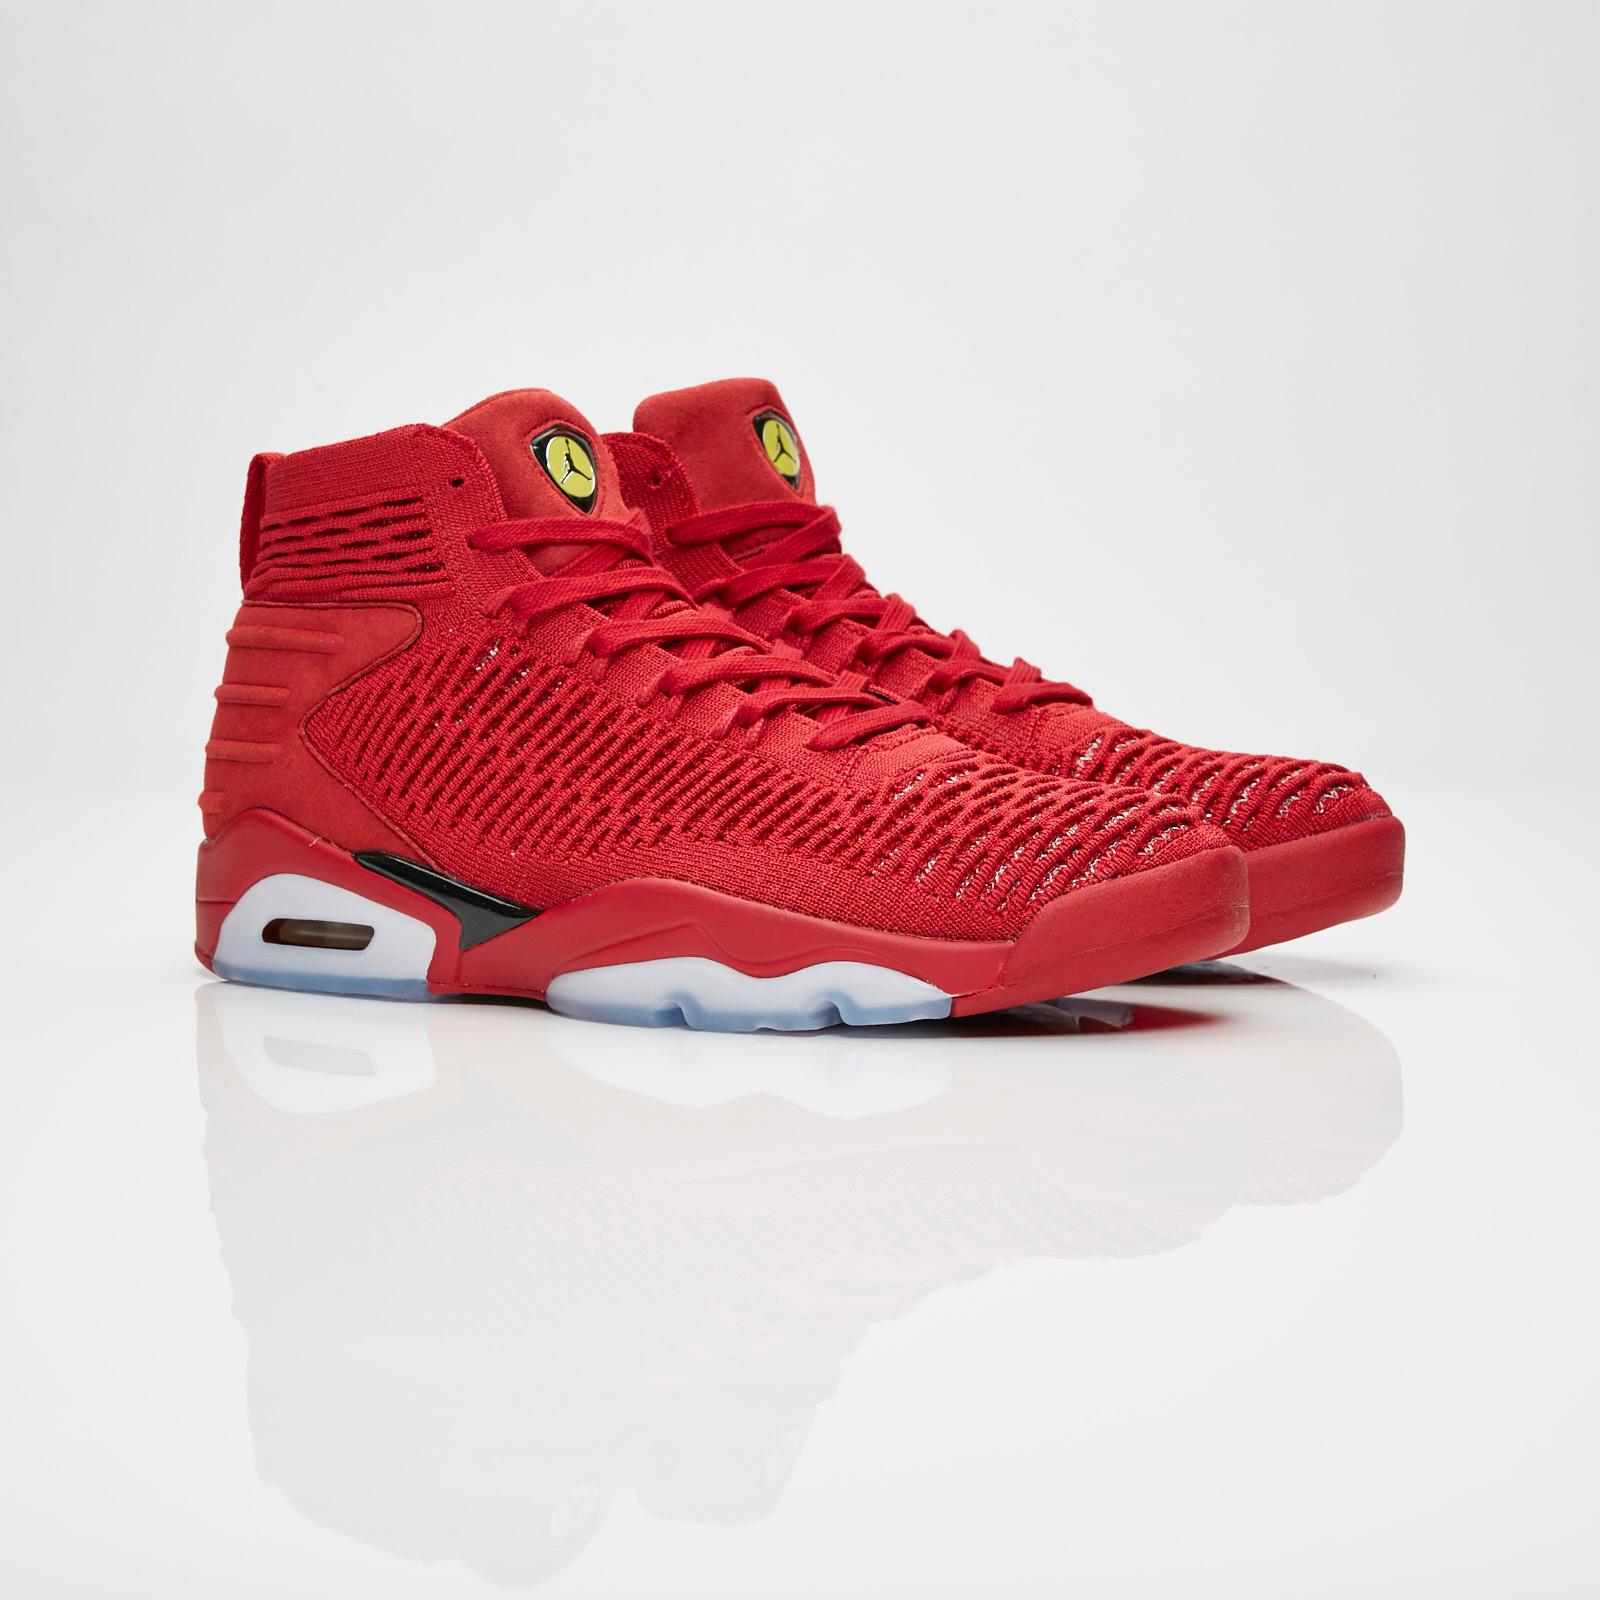 e49d7a1c943 Jordan Brand Flyknit Elevation 23 - Aj8207-601 - Sneakersnstuff ...